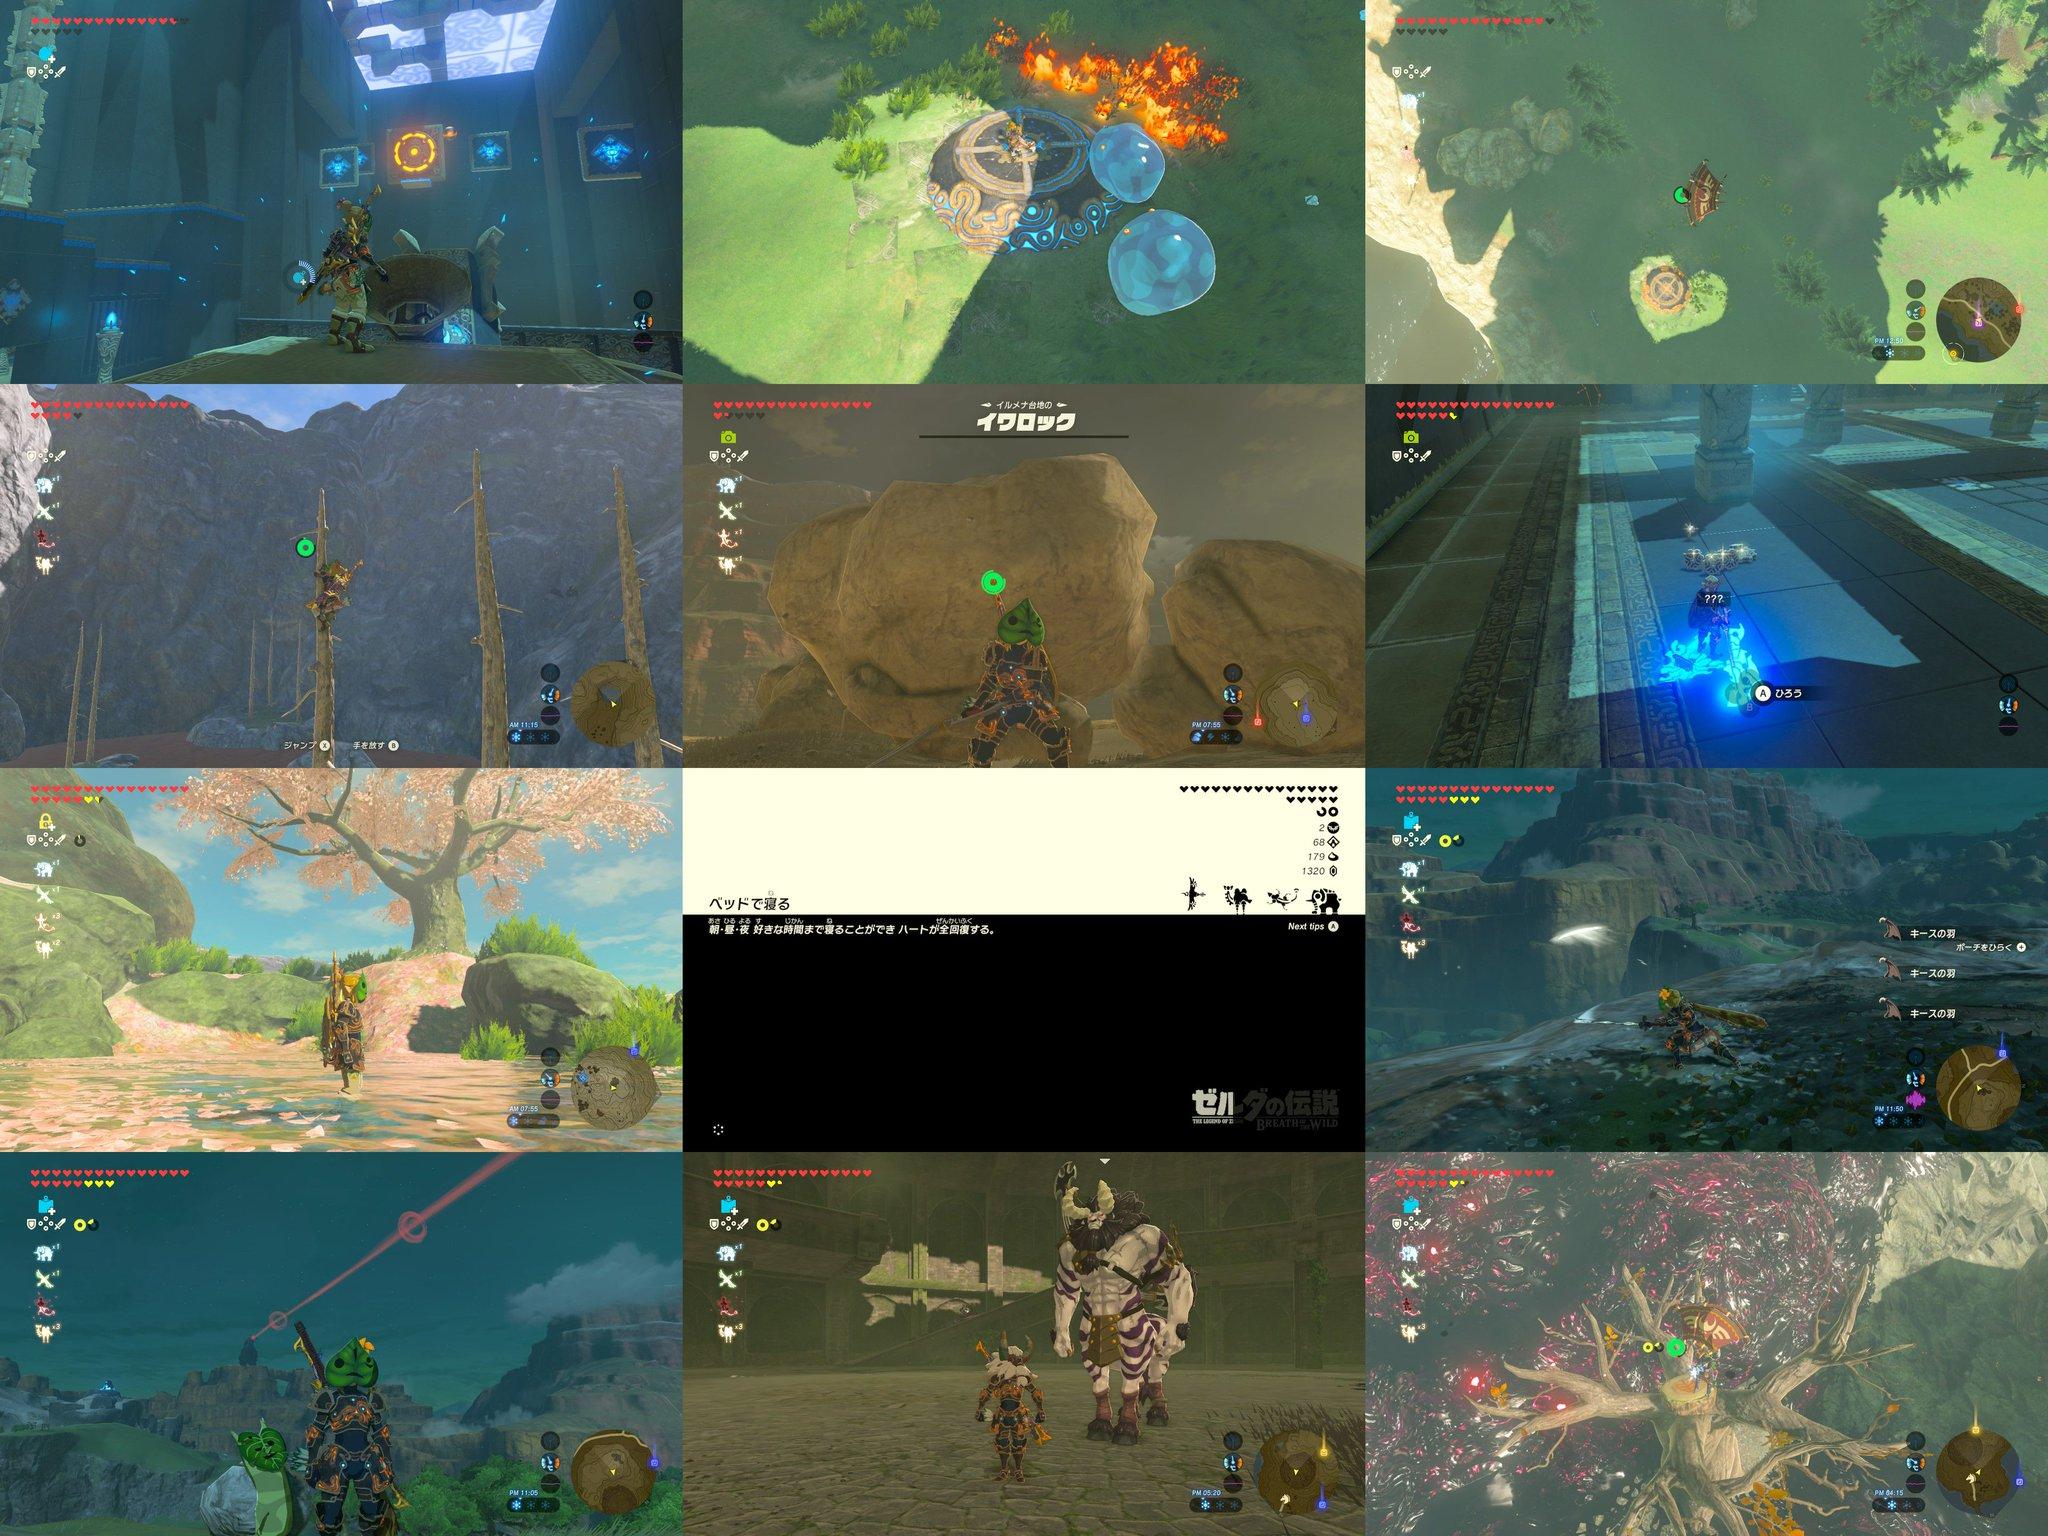 砲台とかハート型の光とか剣から何か飛ばしたりしてた。 #ゼルダの伝説 #BreathoftheWild #NintendoSwitch https://t.co/zQaoPbR0V6